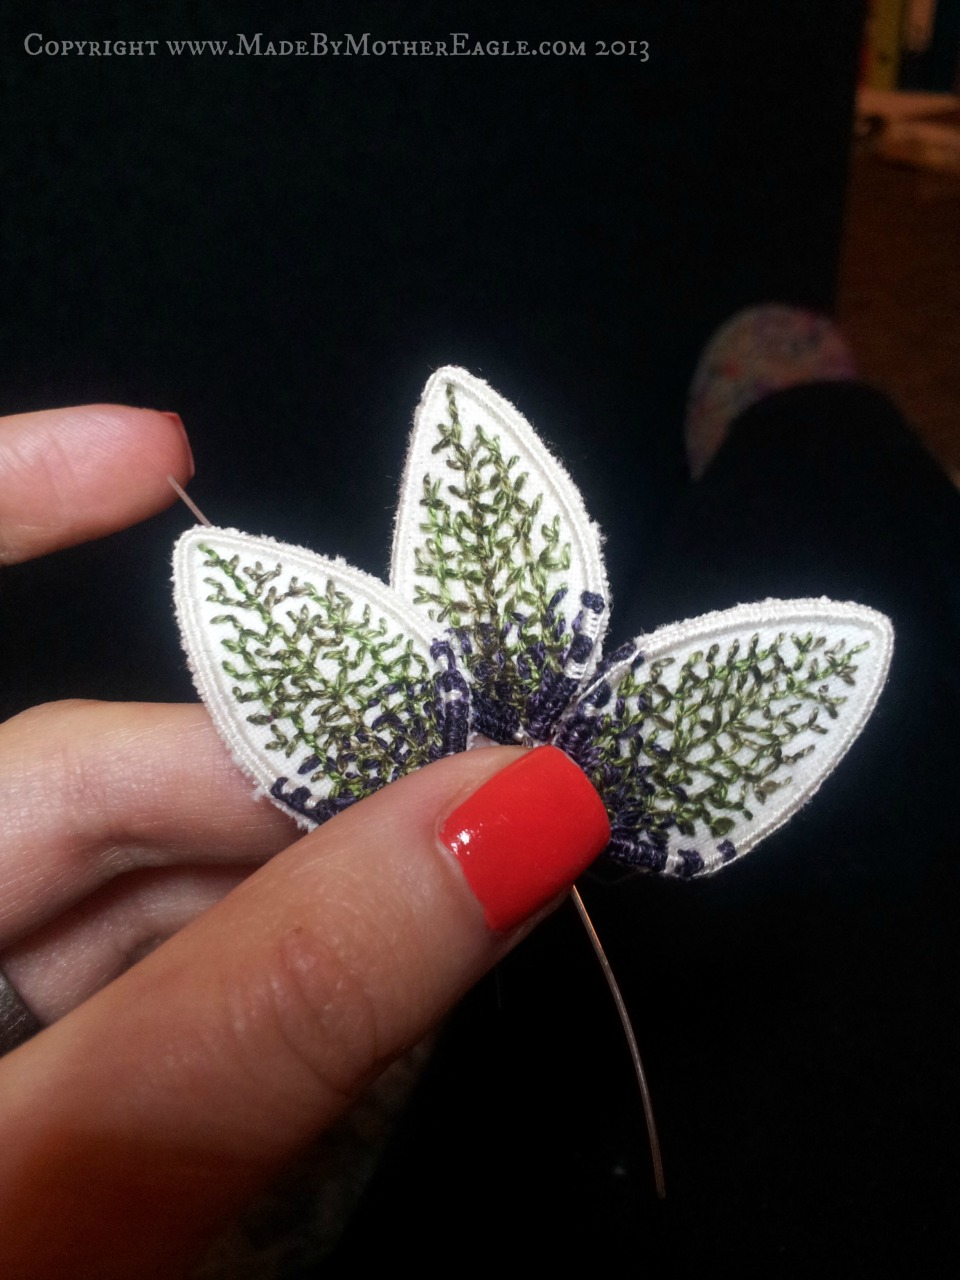 Henbane petals